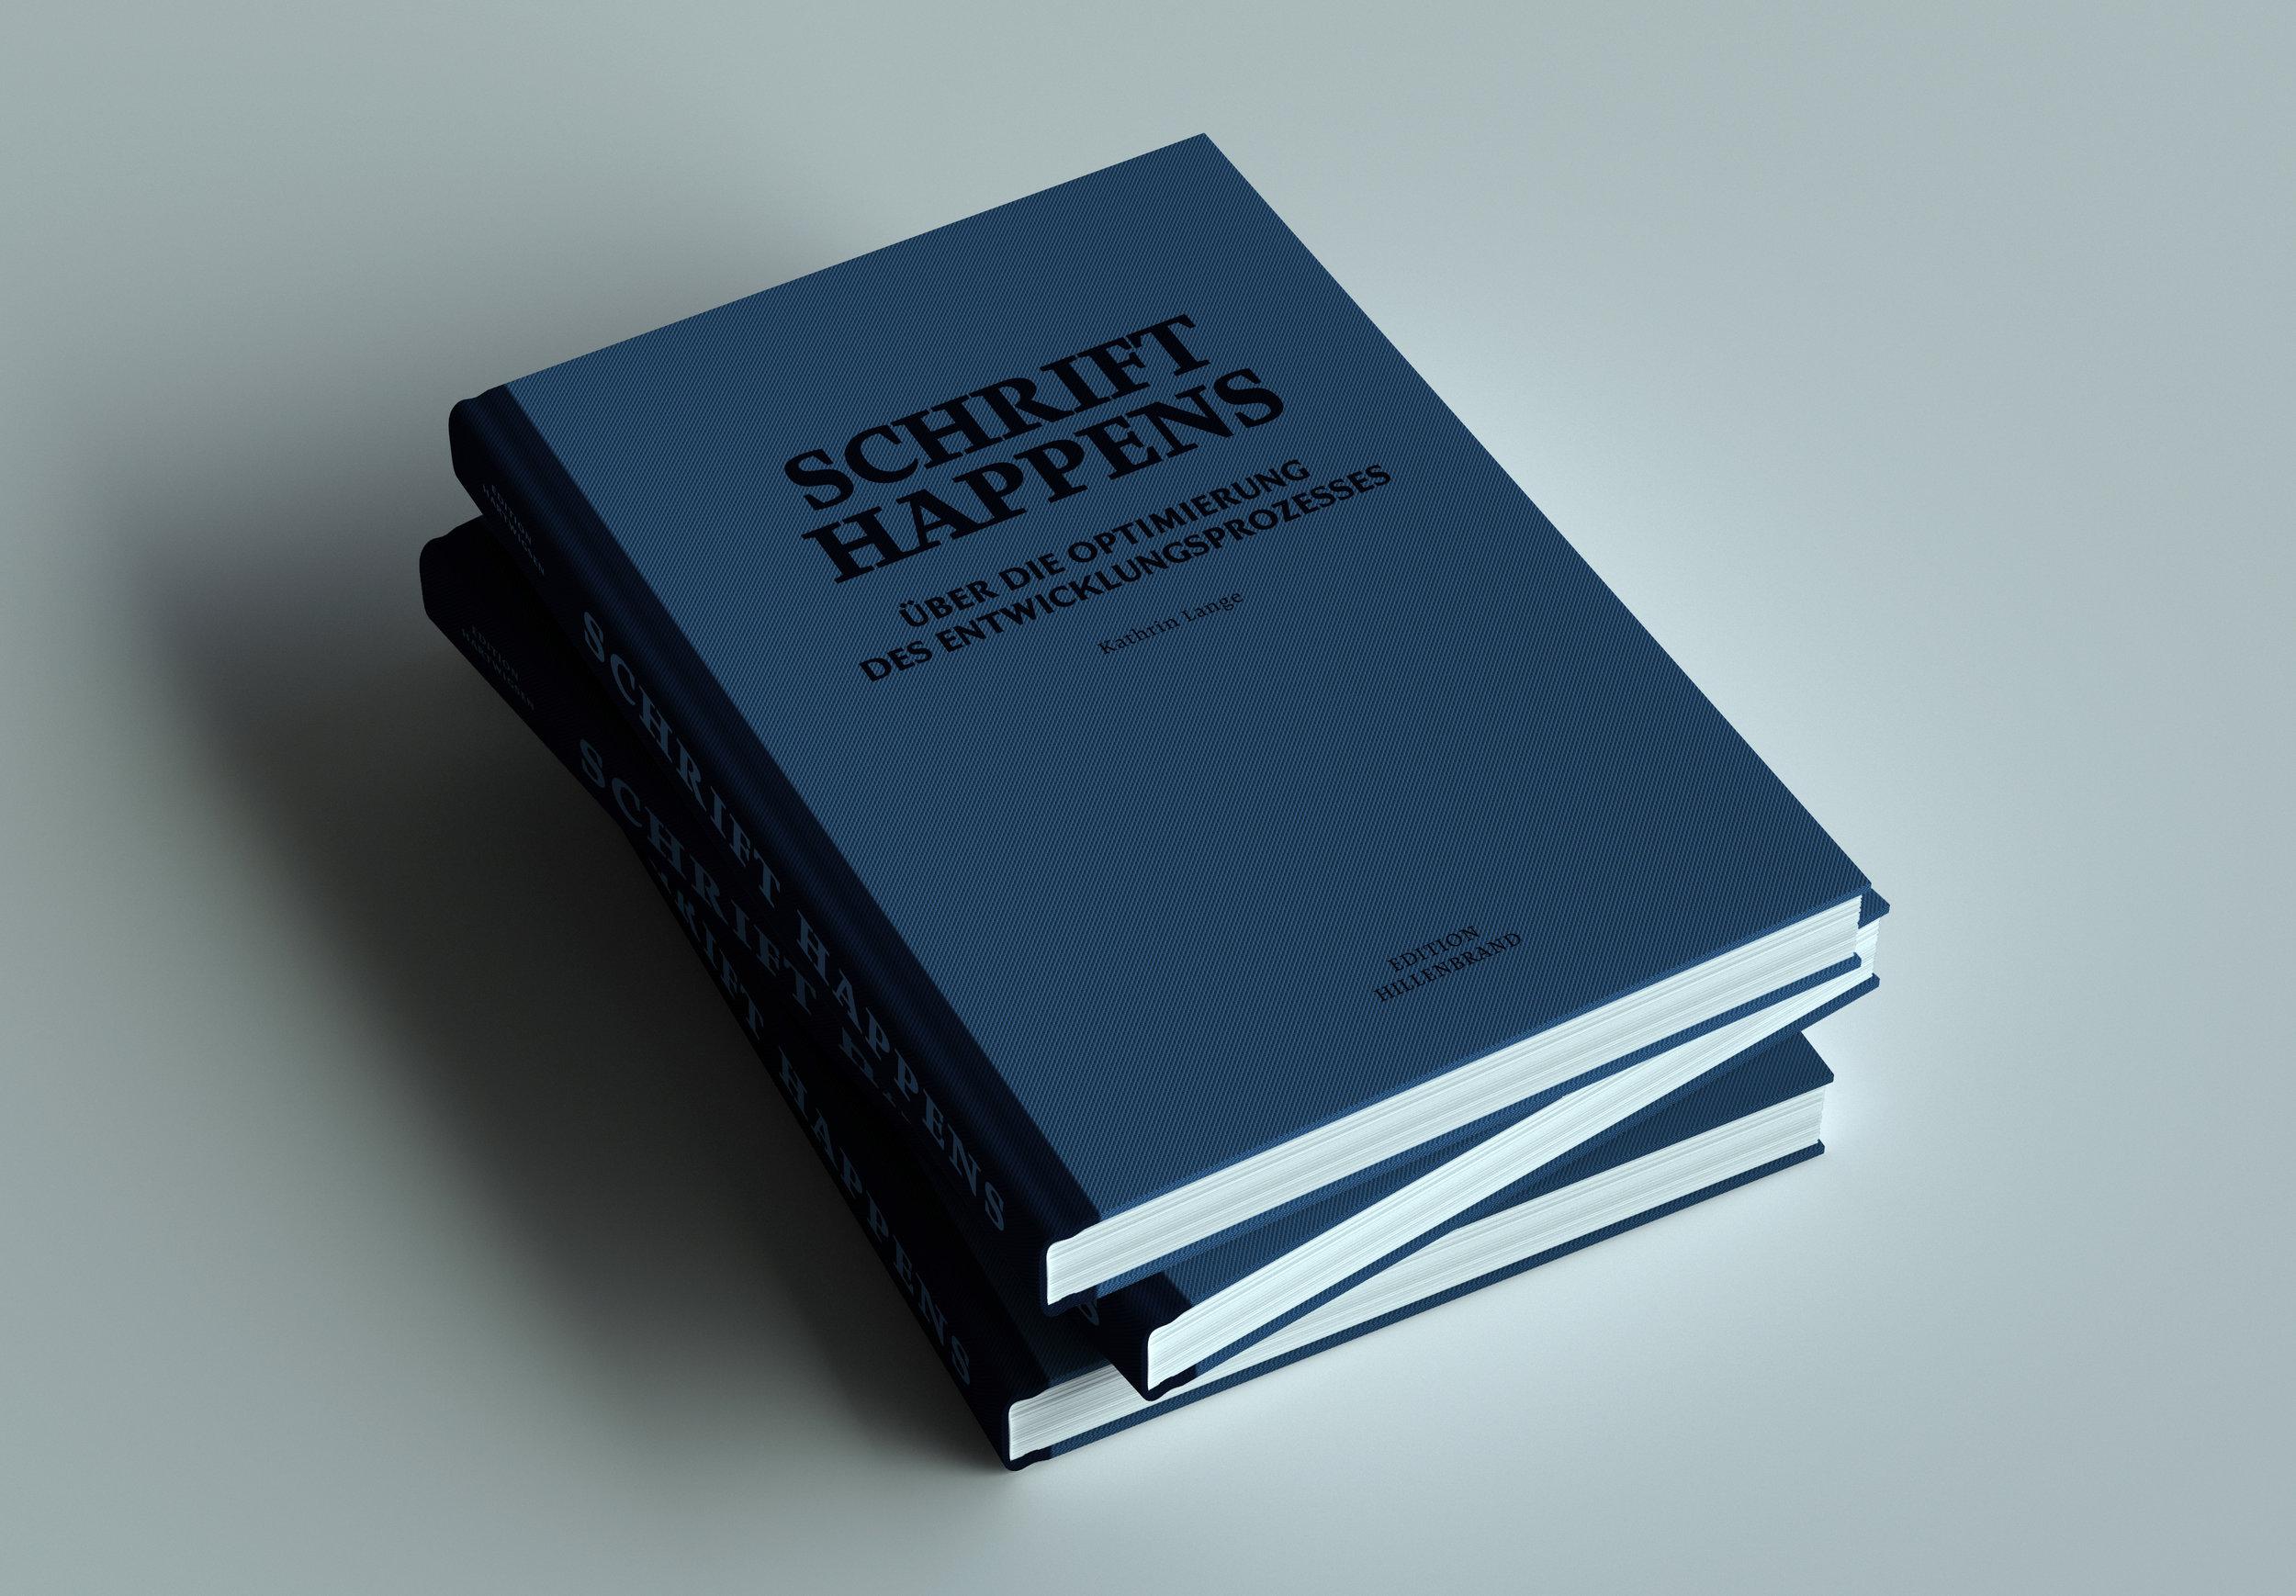 BookcoverSchriftHappensBvolmer.jpg